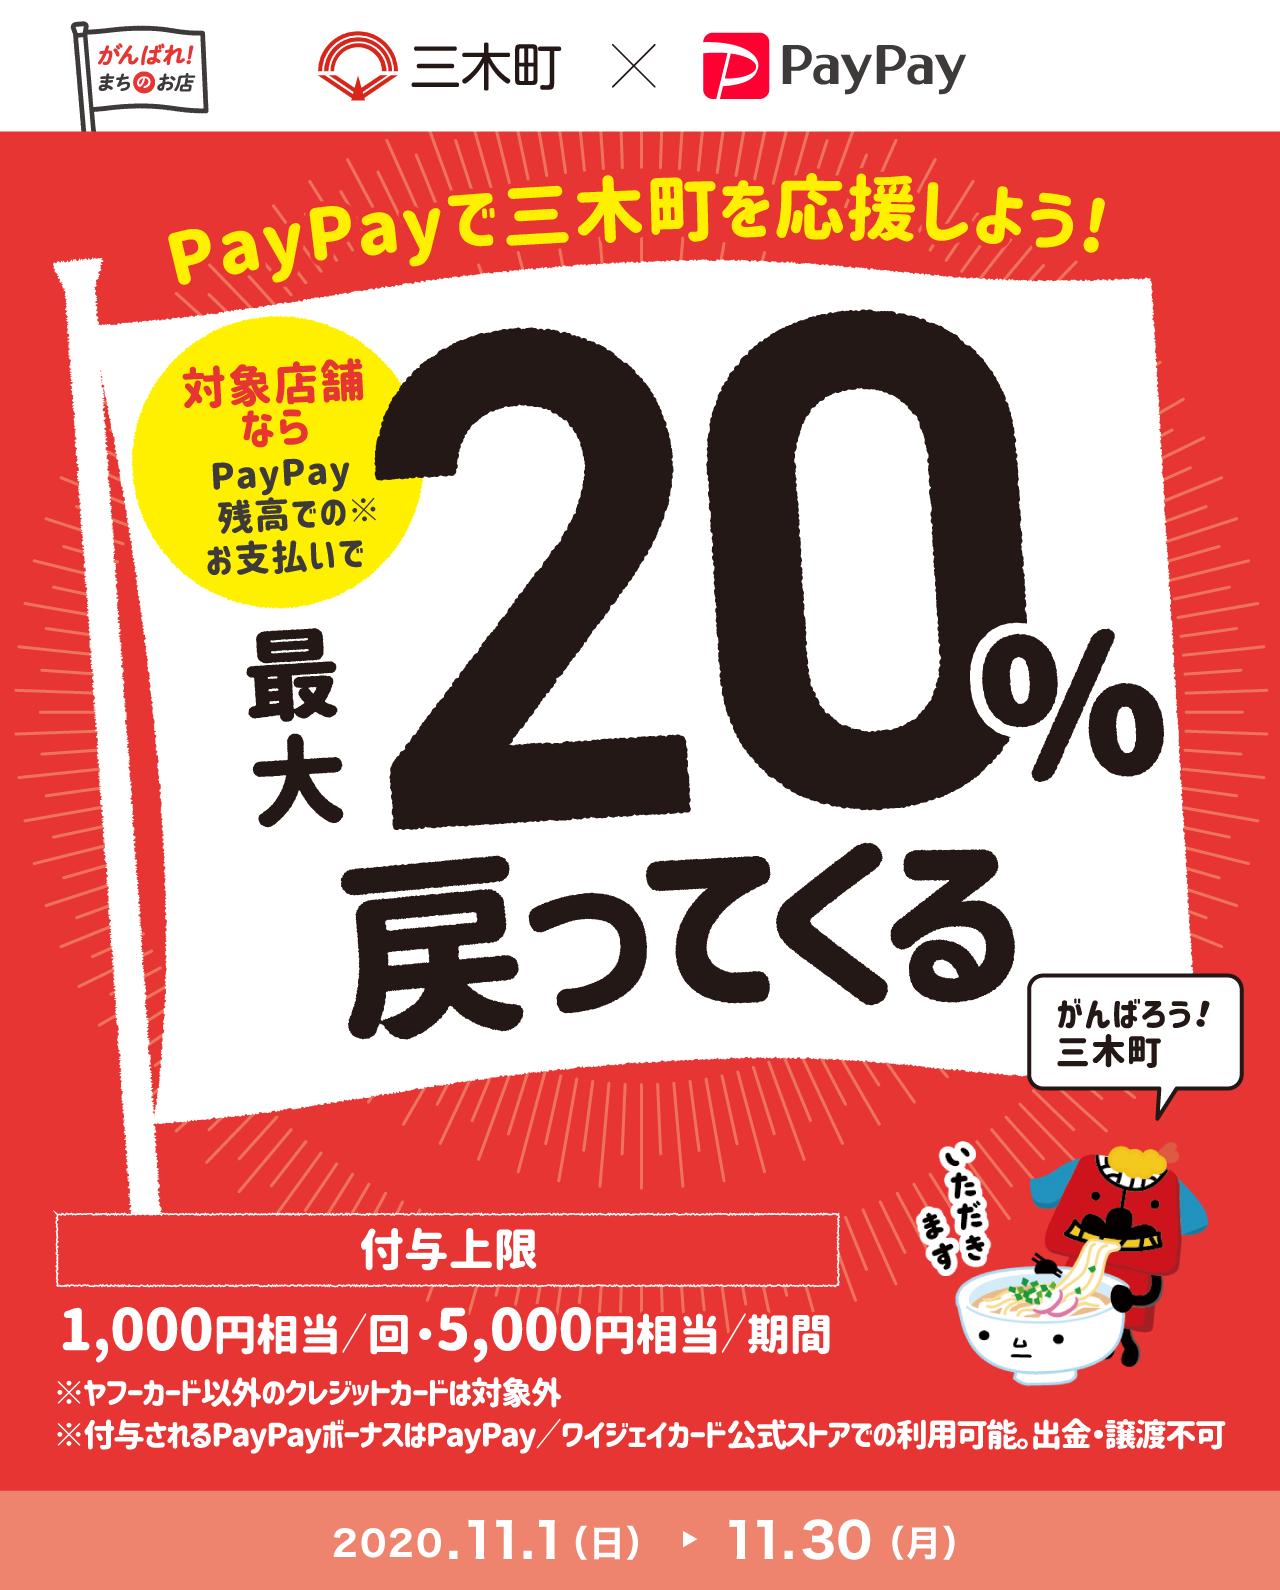 PayPayで三木町を応援しよう! 対象店舗ならPayPay残高でのお支払いで最大20%戻ってくる